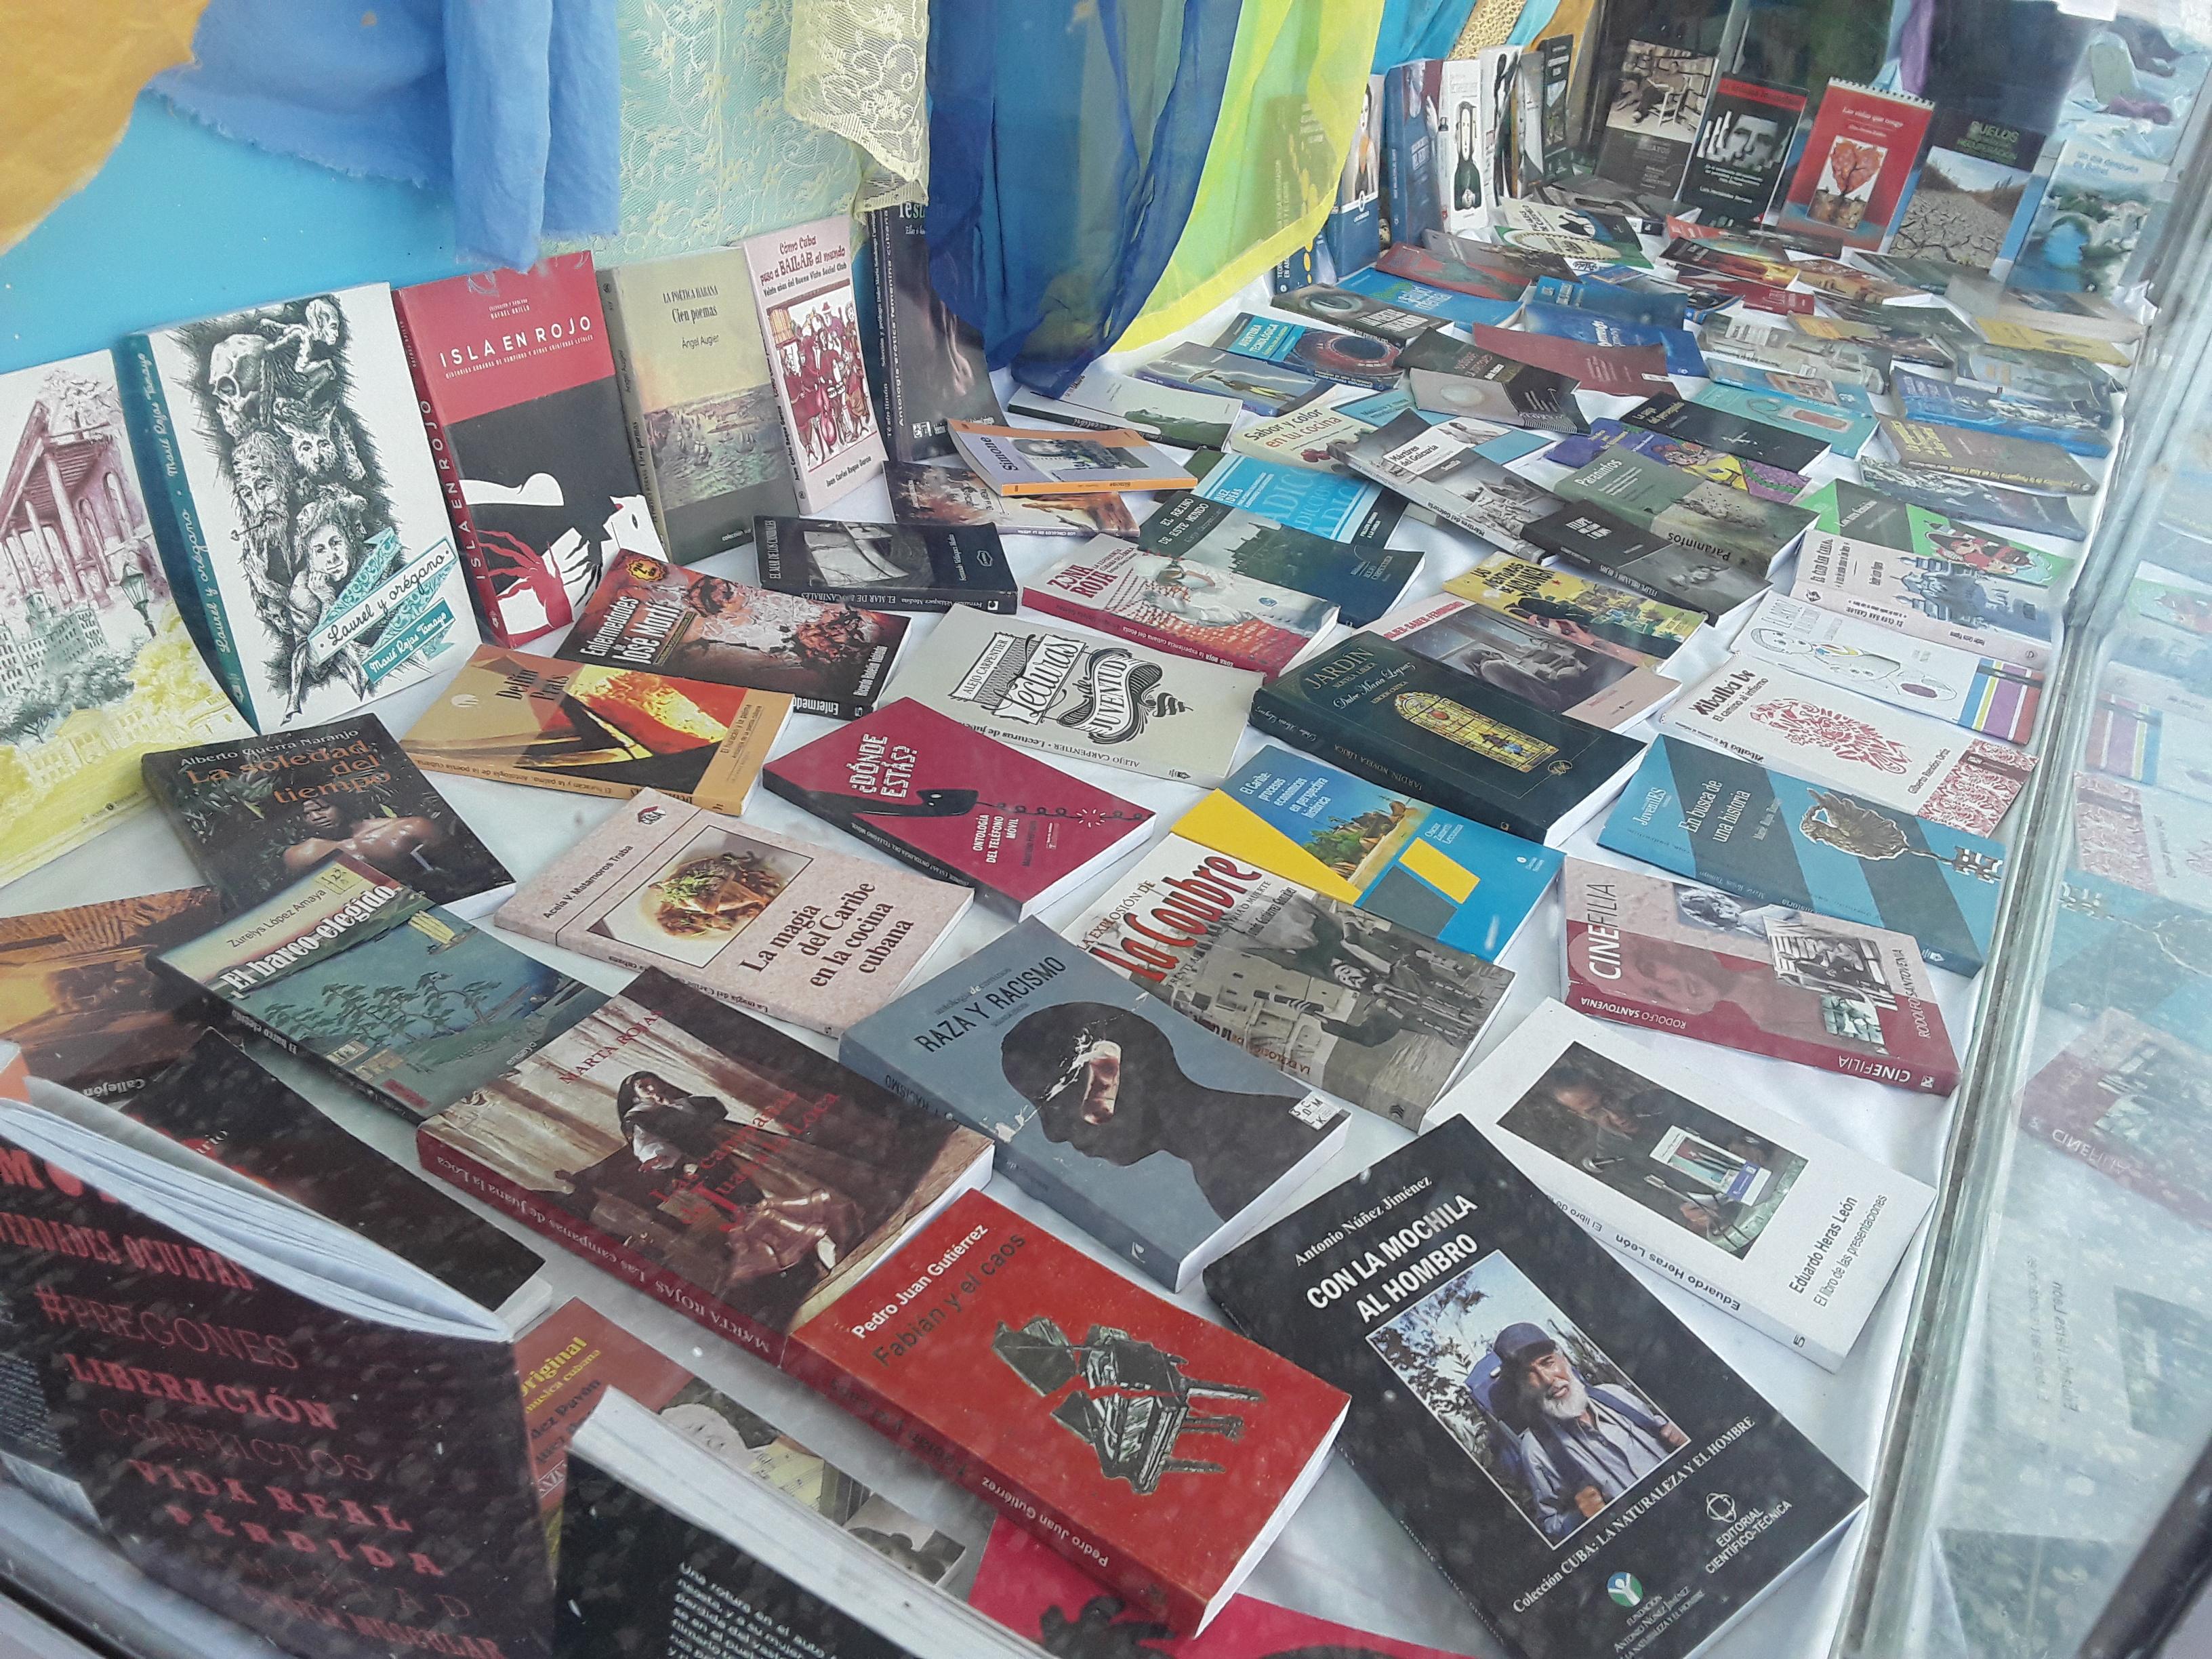 Cita de editoriales en Feria del libro granmense (+video)